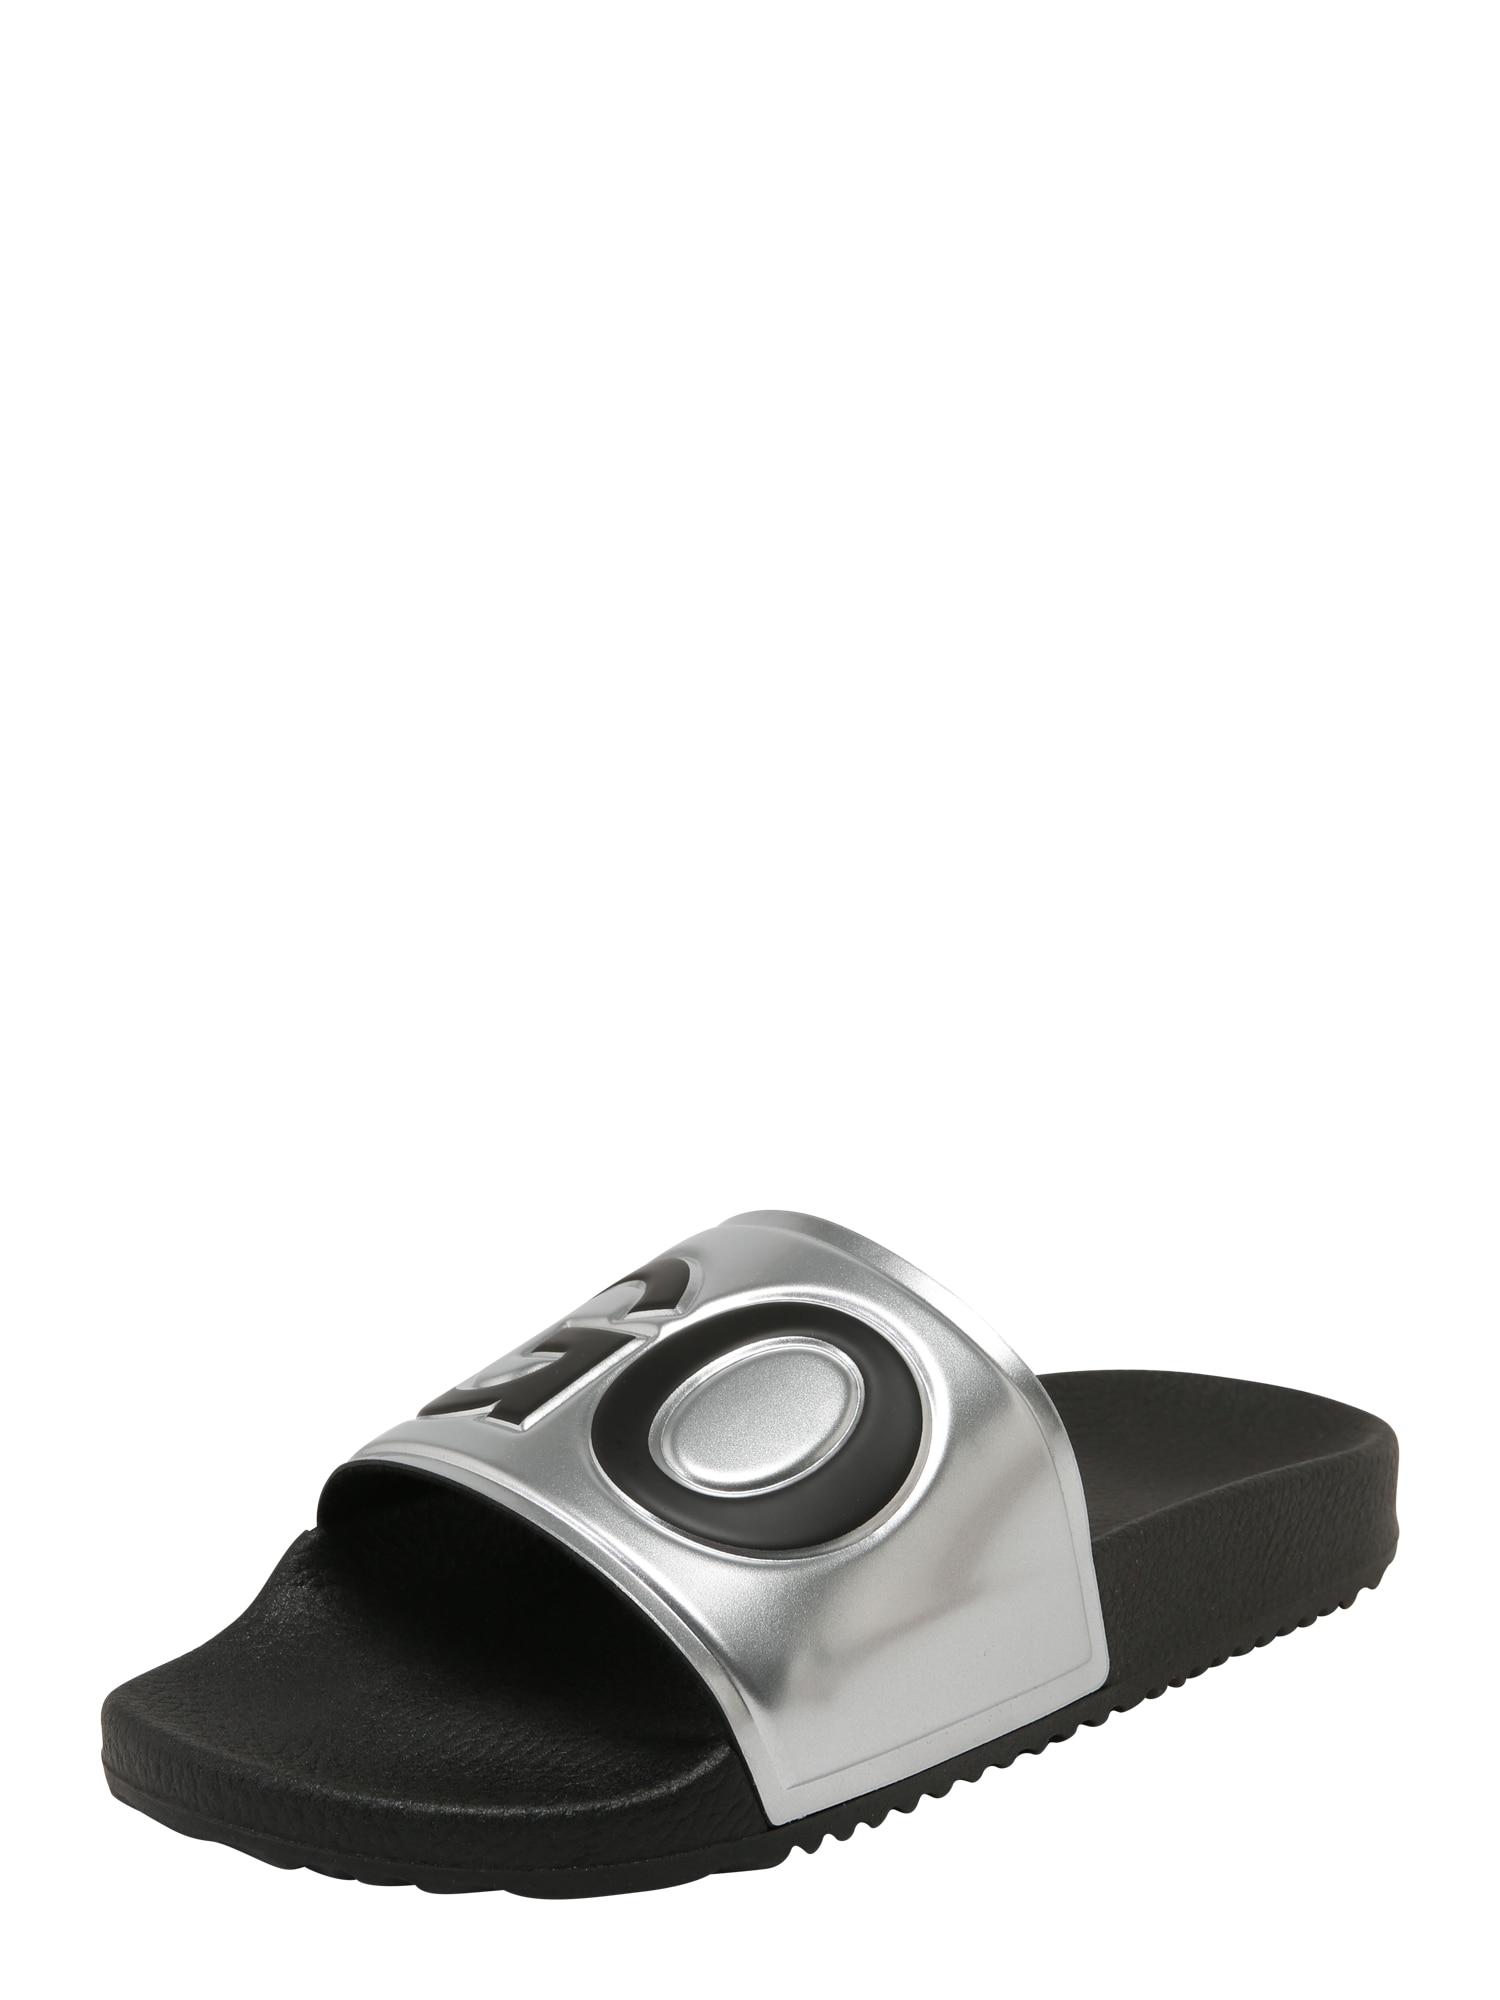 Pantofle TIME OUT stříbrně šedá černá HUGO